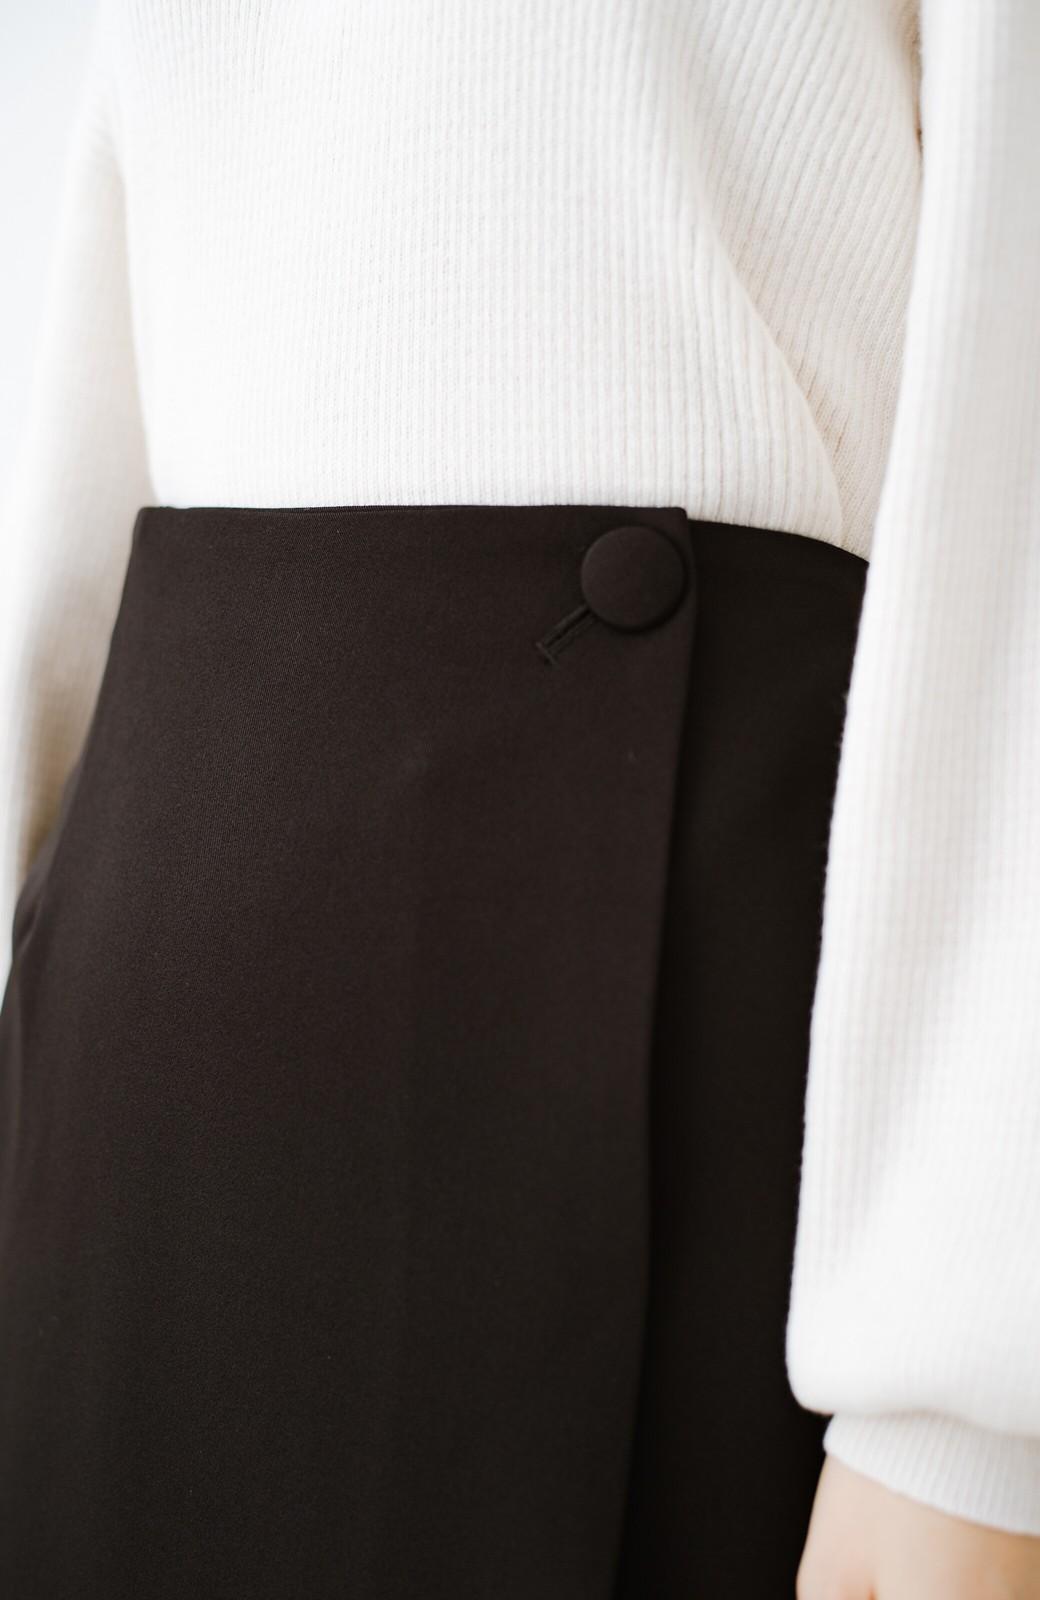 haco! いざというとき困らないための 大人のフォーマルジャケット・スカート2点セット by que made me <ブラック>の商品写真7